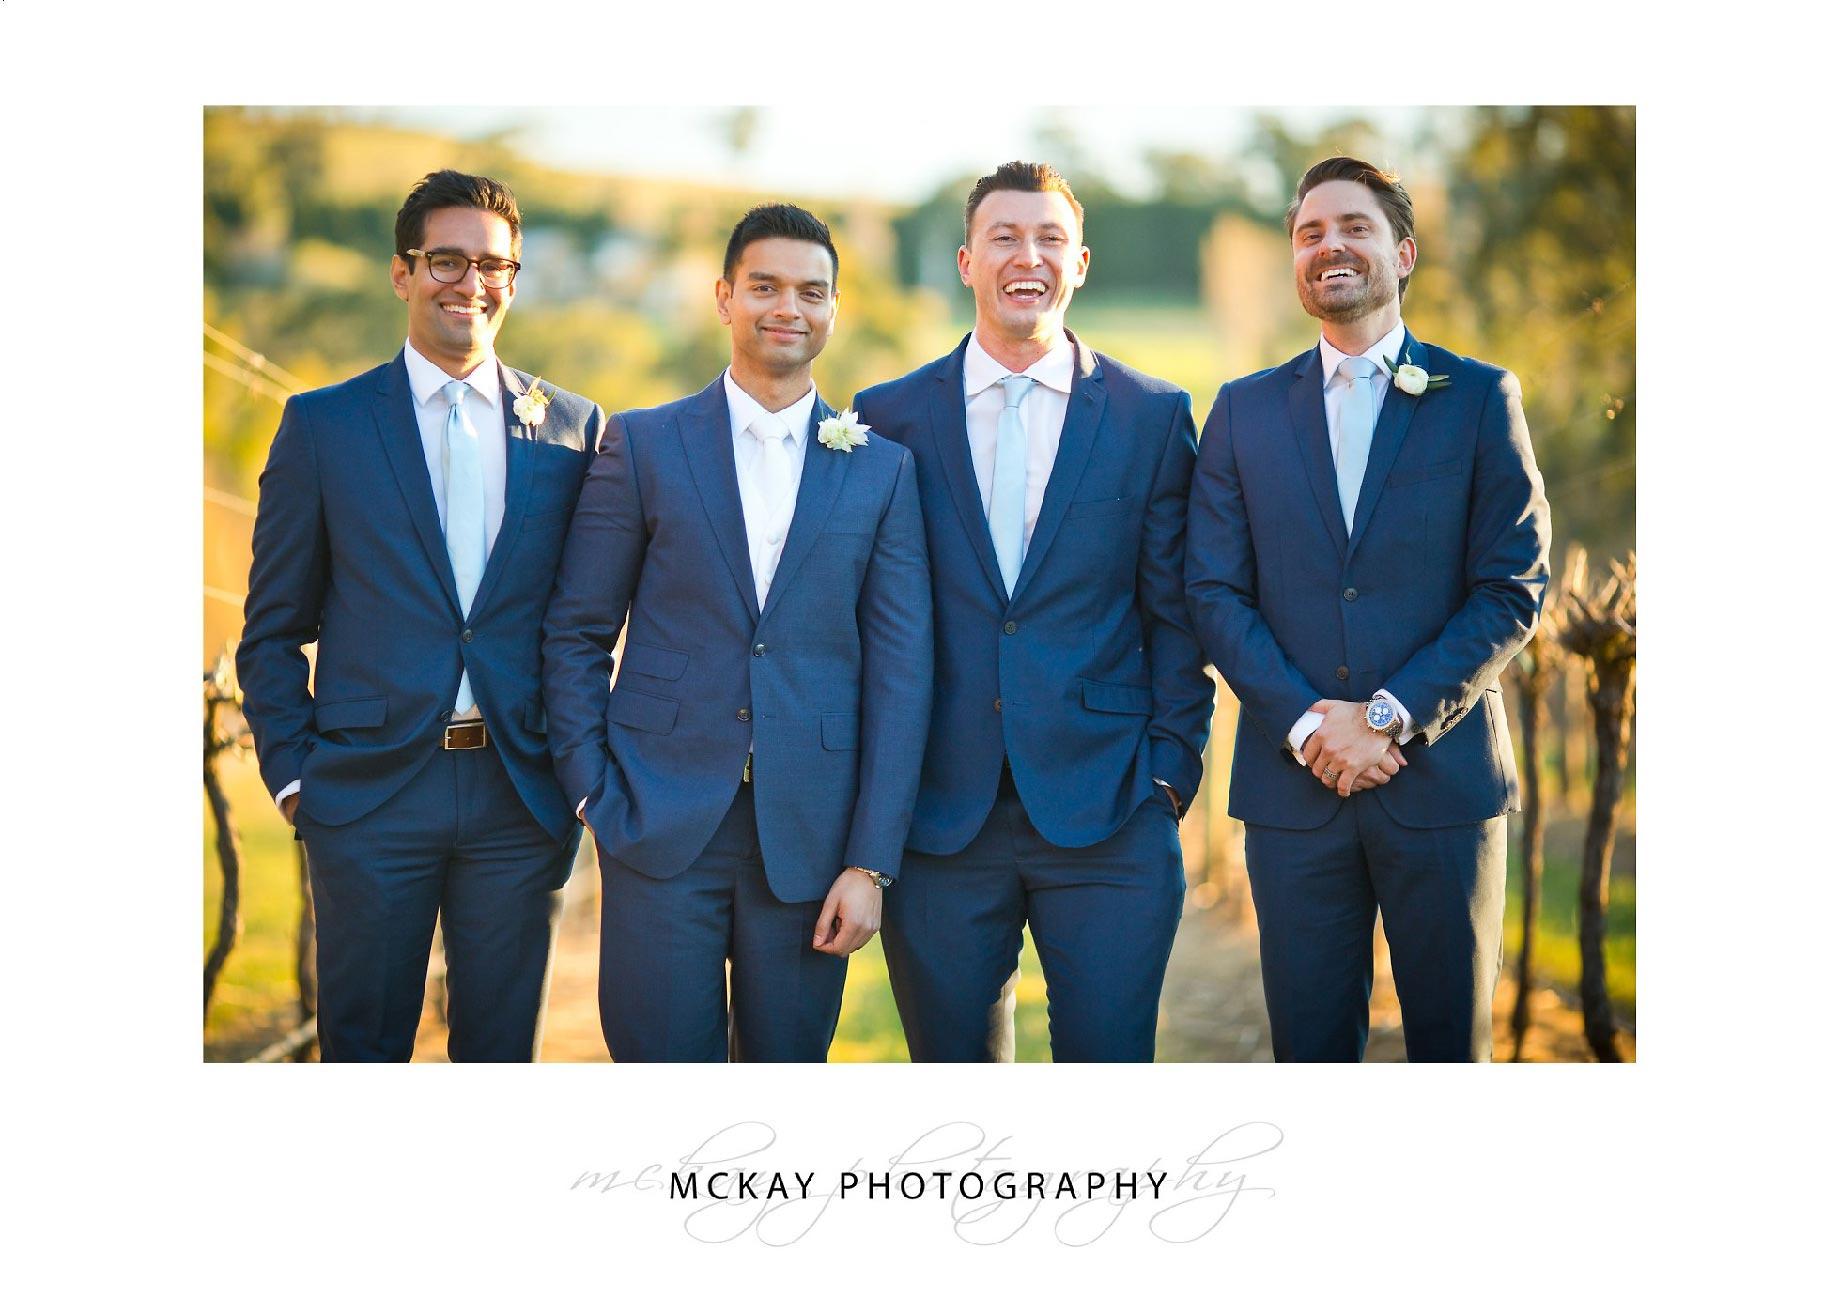 Asanga & groomsmen at CV